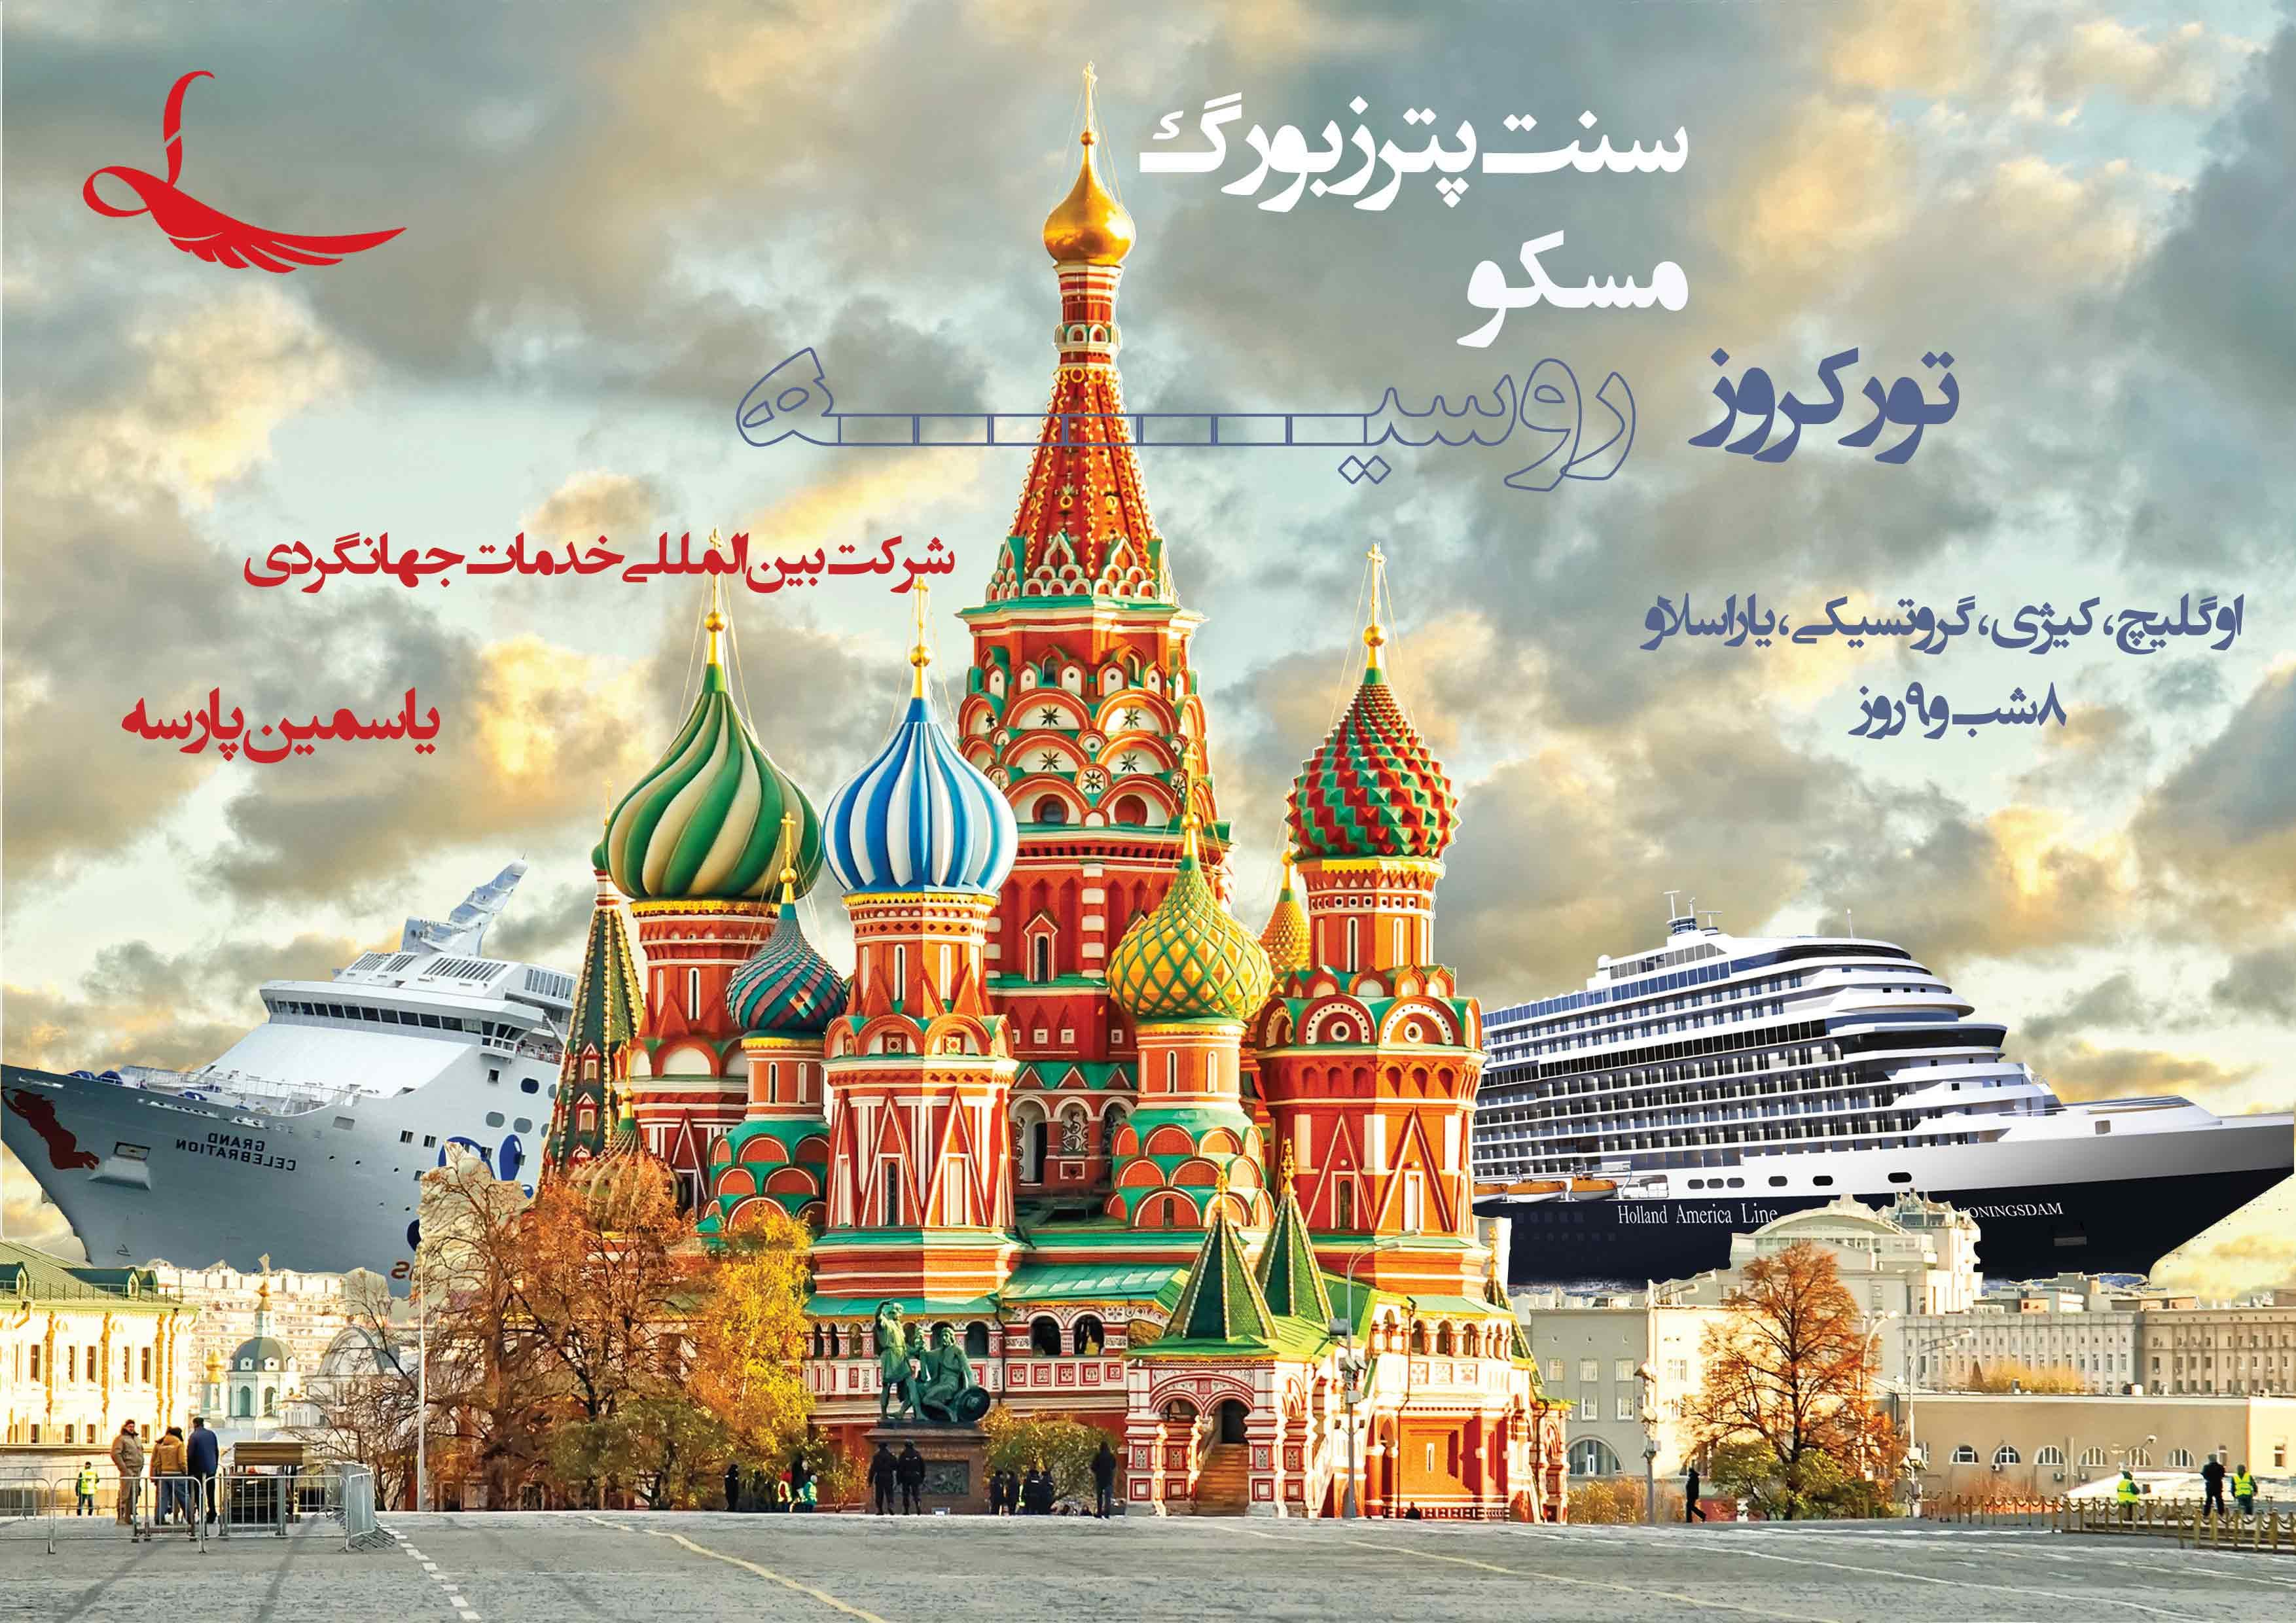 تور کروز روسیه ، تور سنت پترزبورگ، تور ارزان روسیه